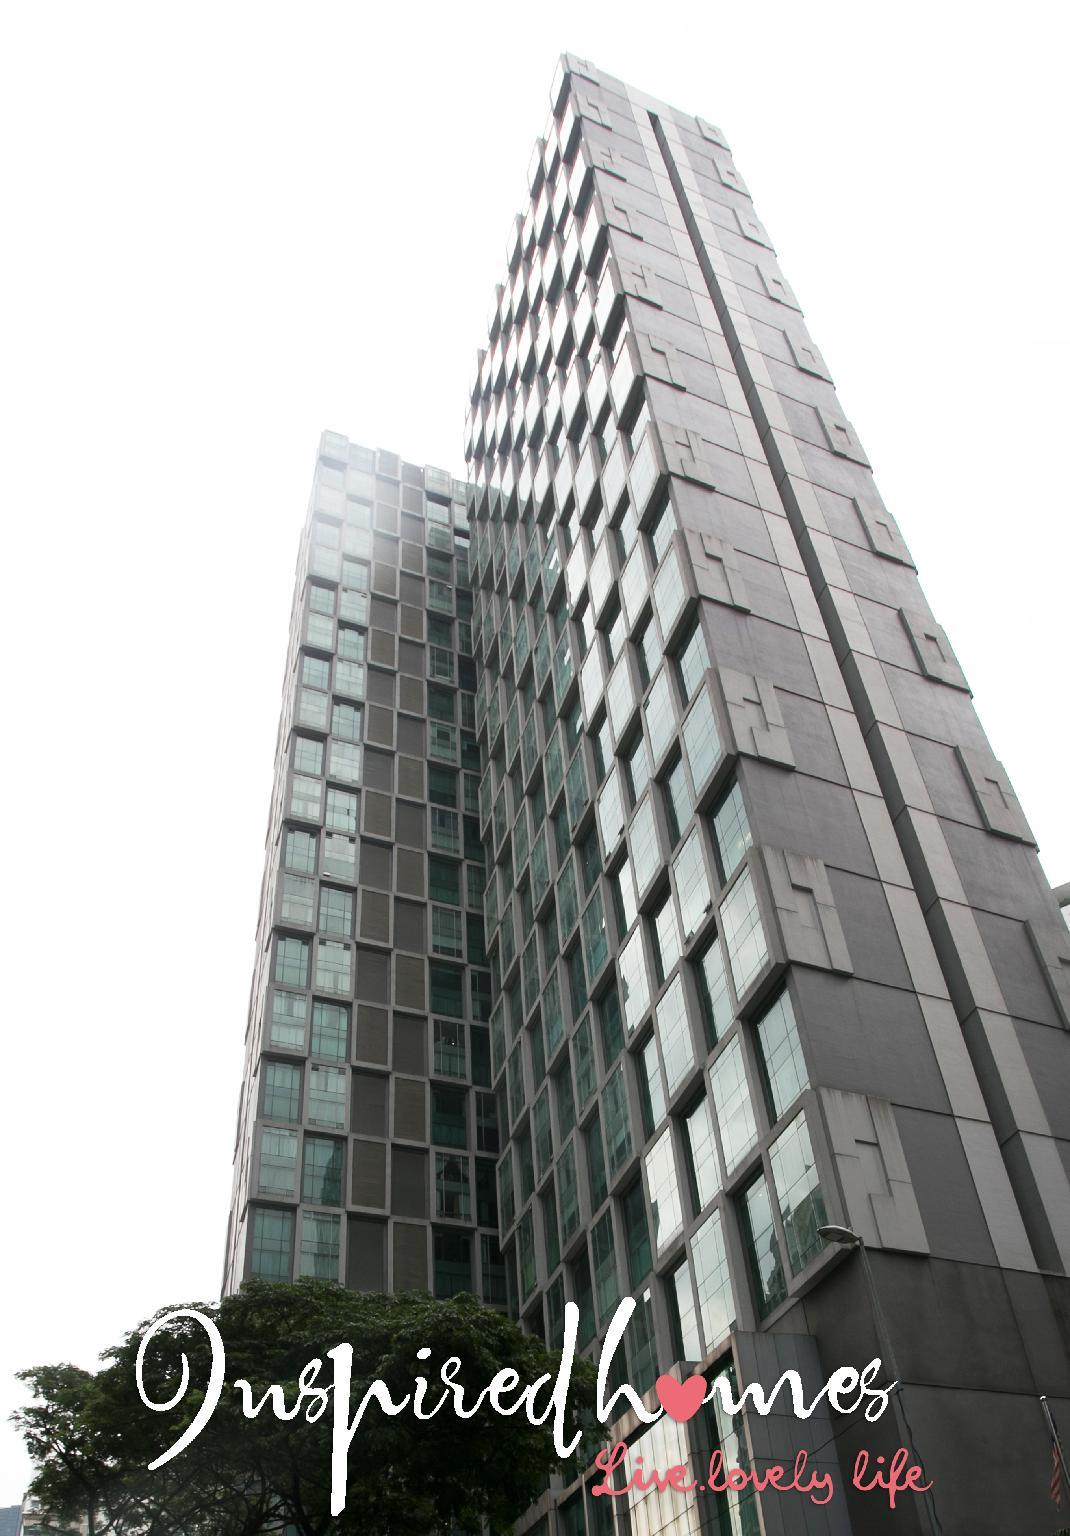 Inspired Homes @ KLCC Soho Suite 2